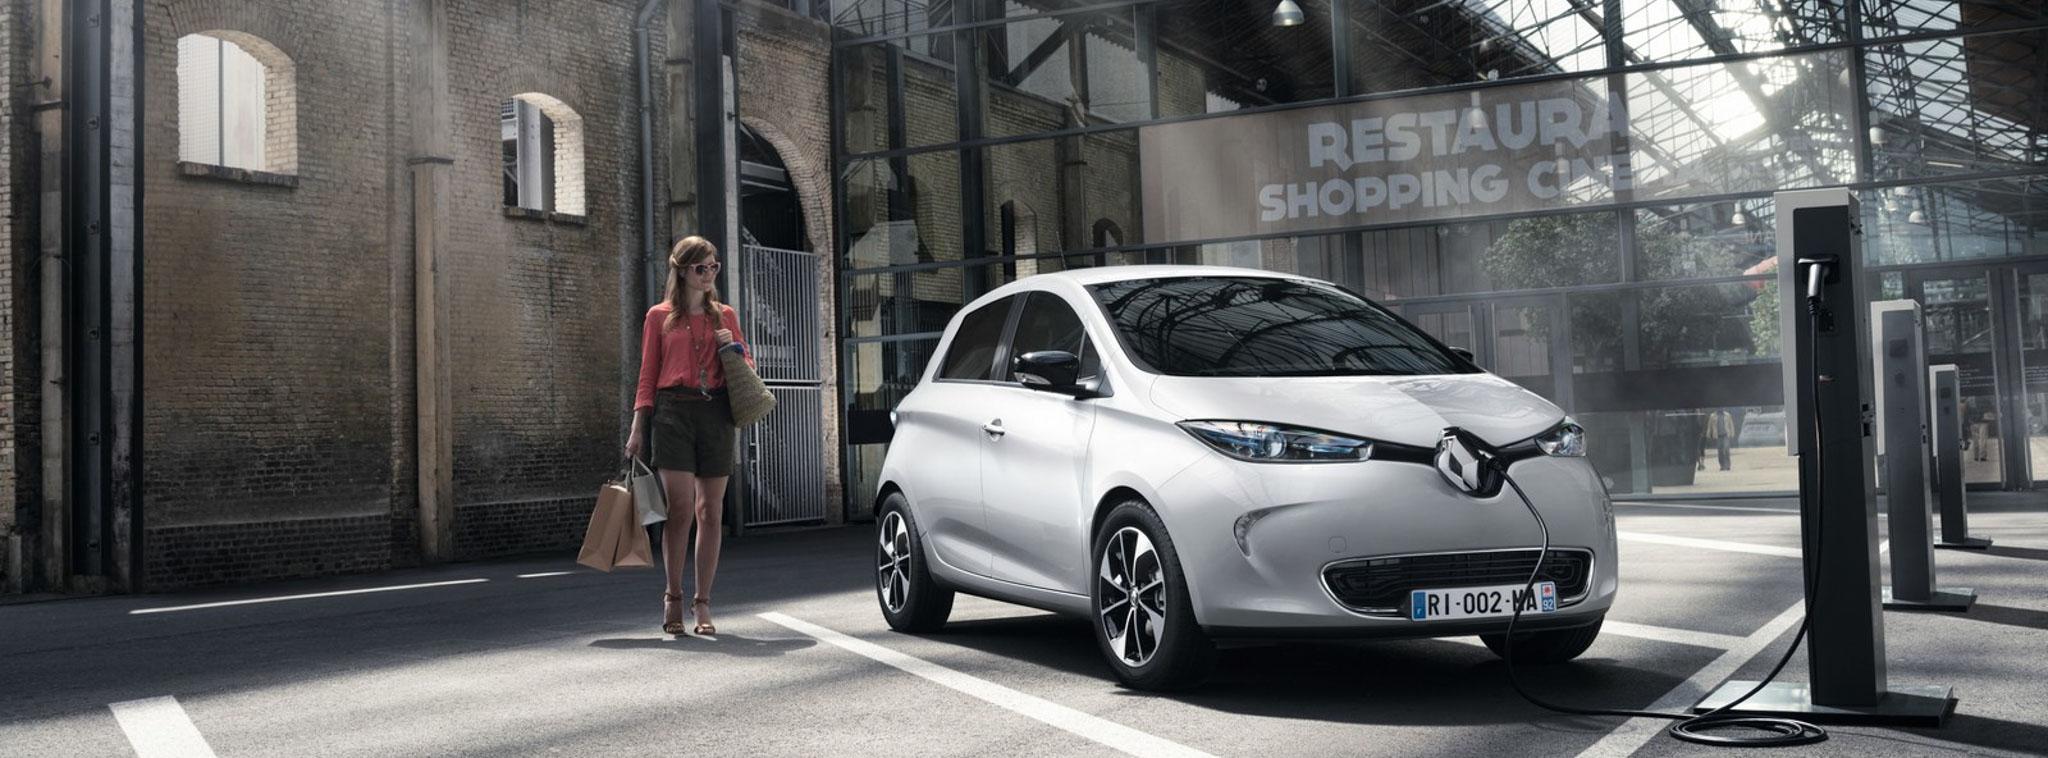 Home-France-ban-petrol-diesel-vehicles-2.jpg